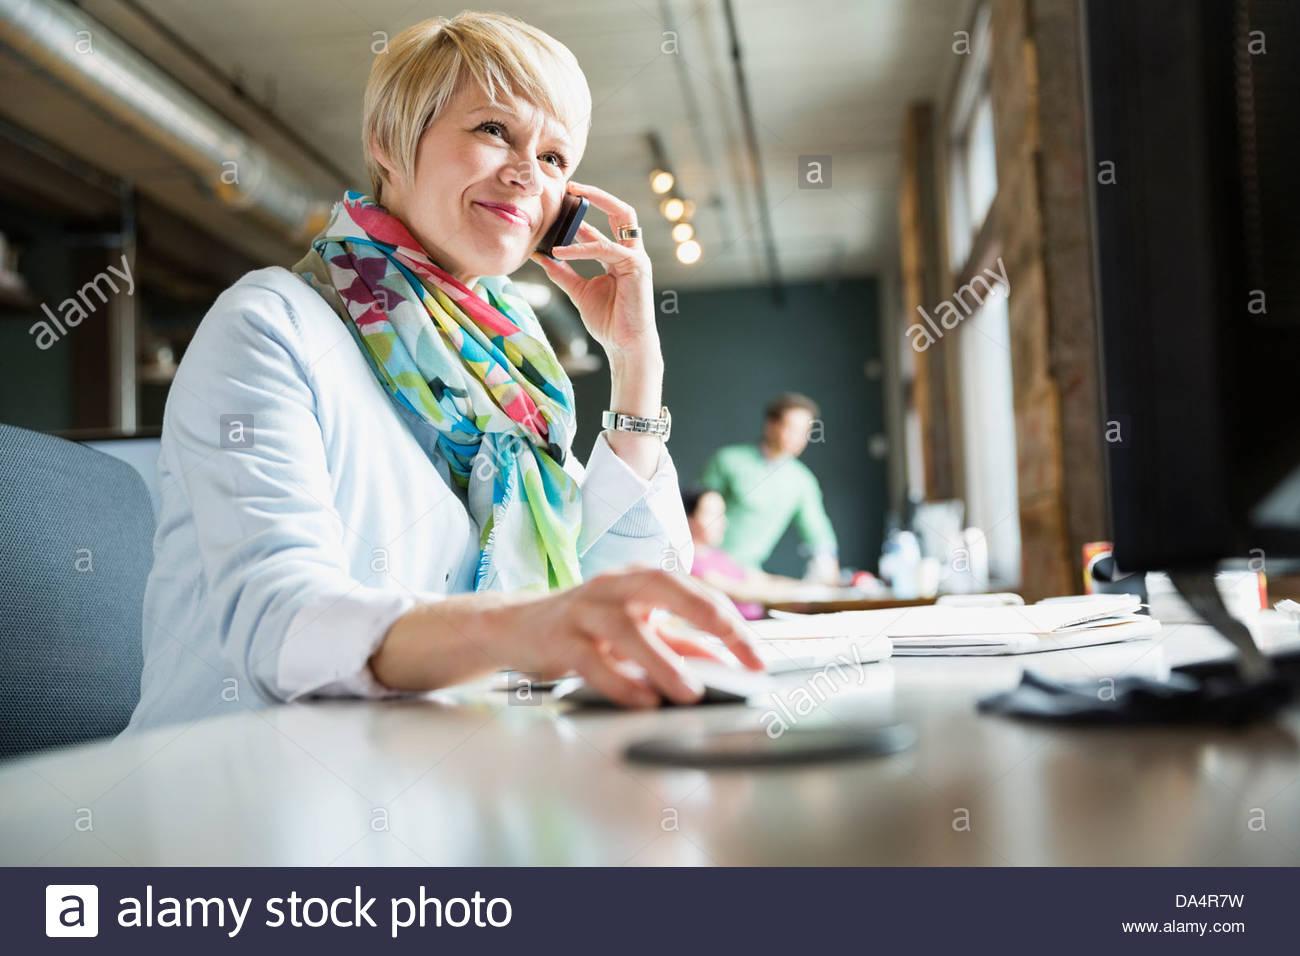 Unternehmerin mit Handy am Schreibtisch Stockbild